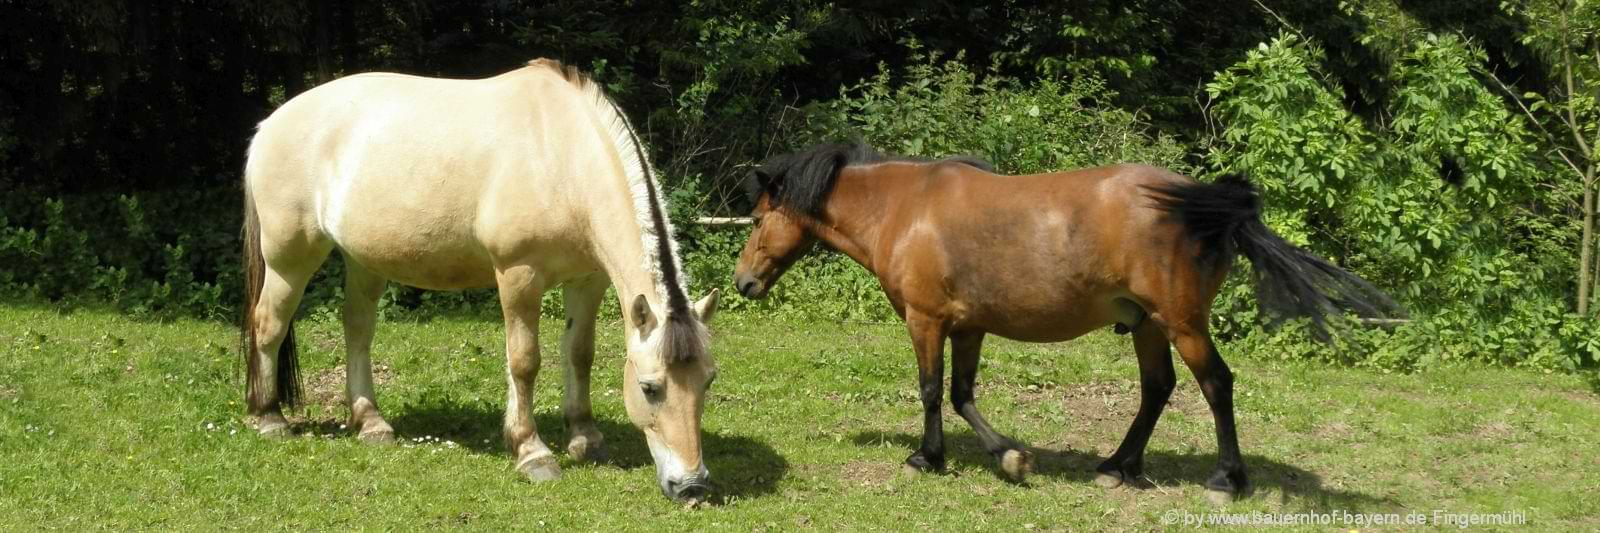 Kinderbauernhof im Bayerischen Wald mit Hasen, Hühnern und Pony Max